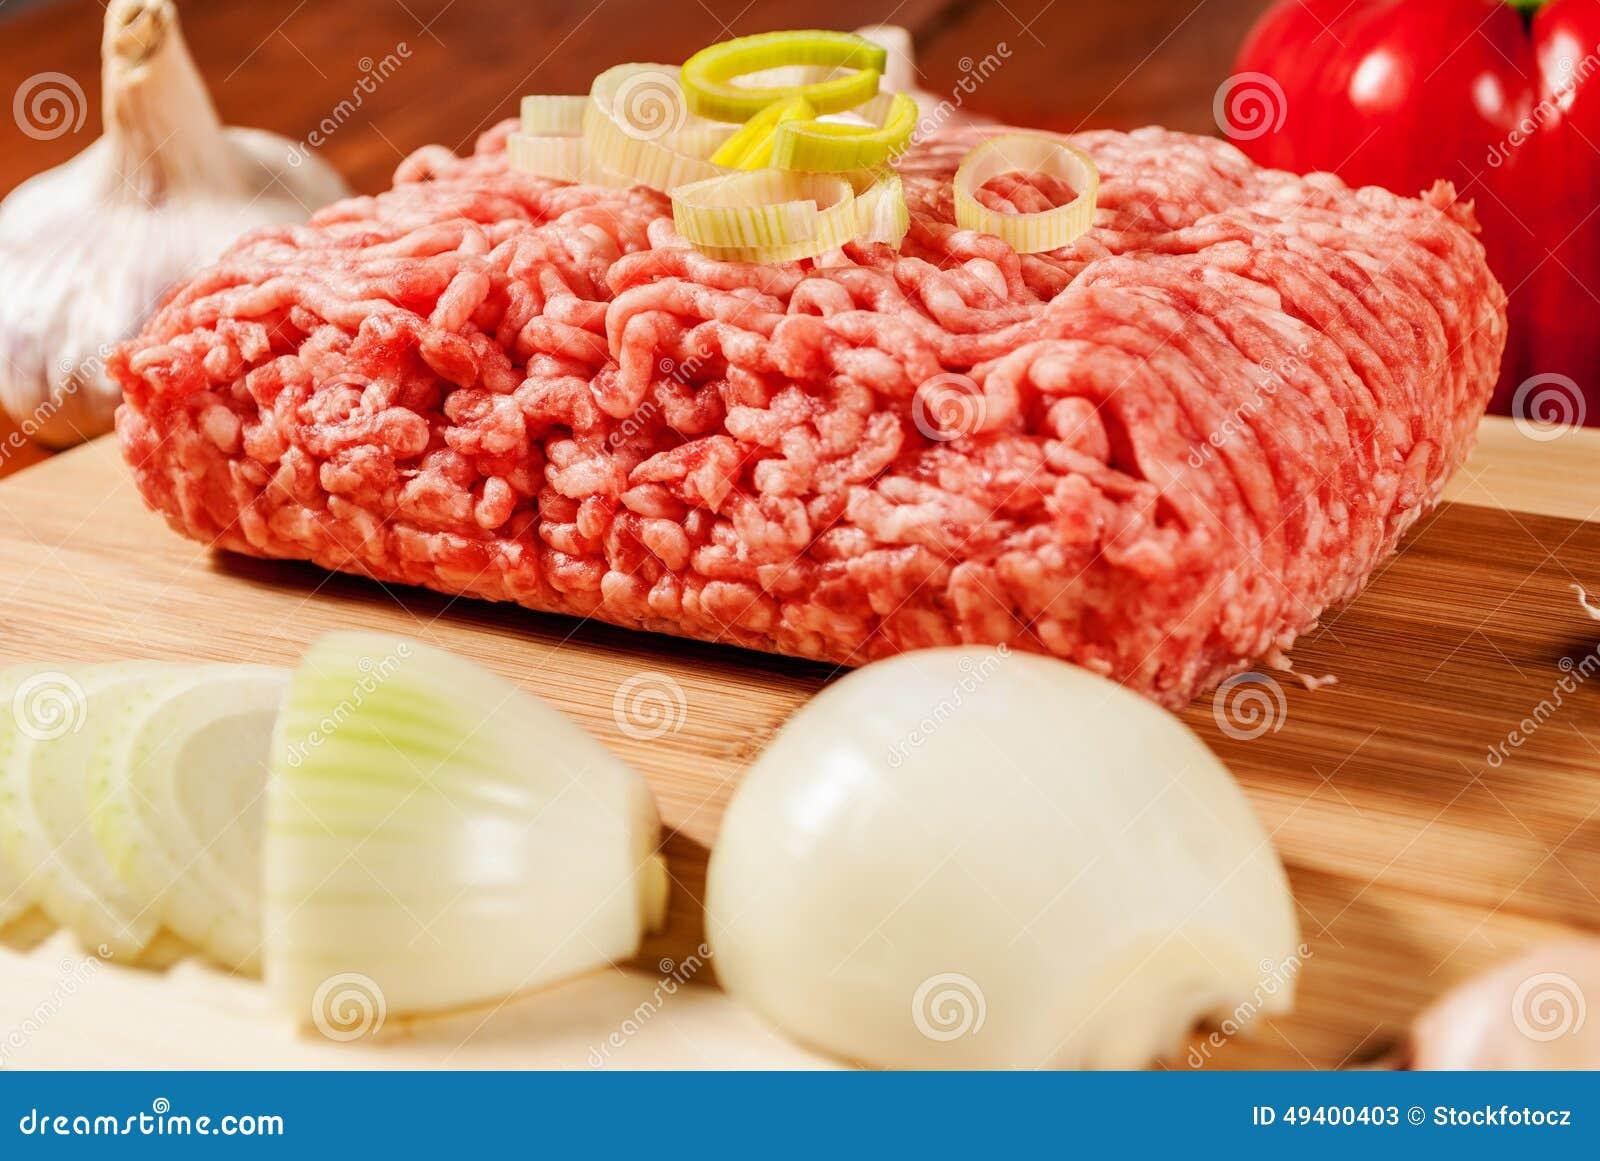 Download Gehacktes Fleisch stockbild. Bild von schweinefleisch - 49400403